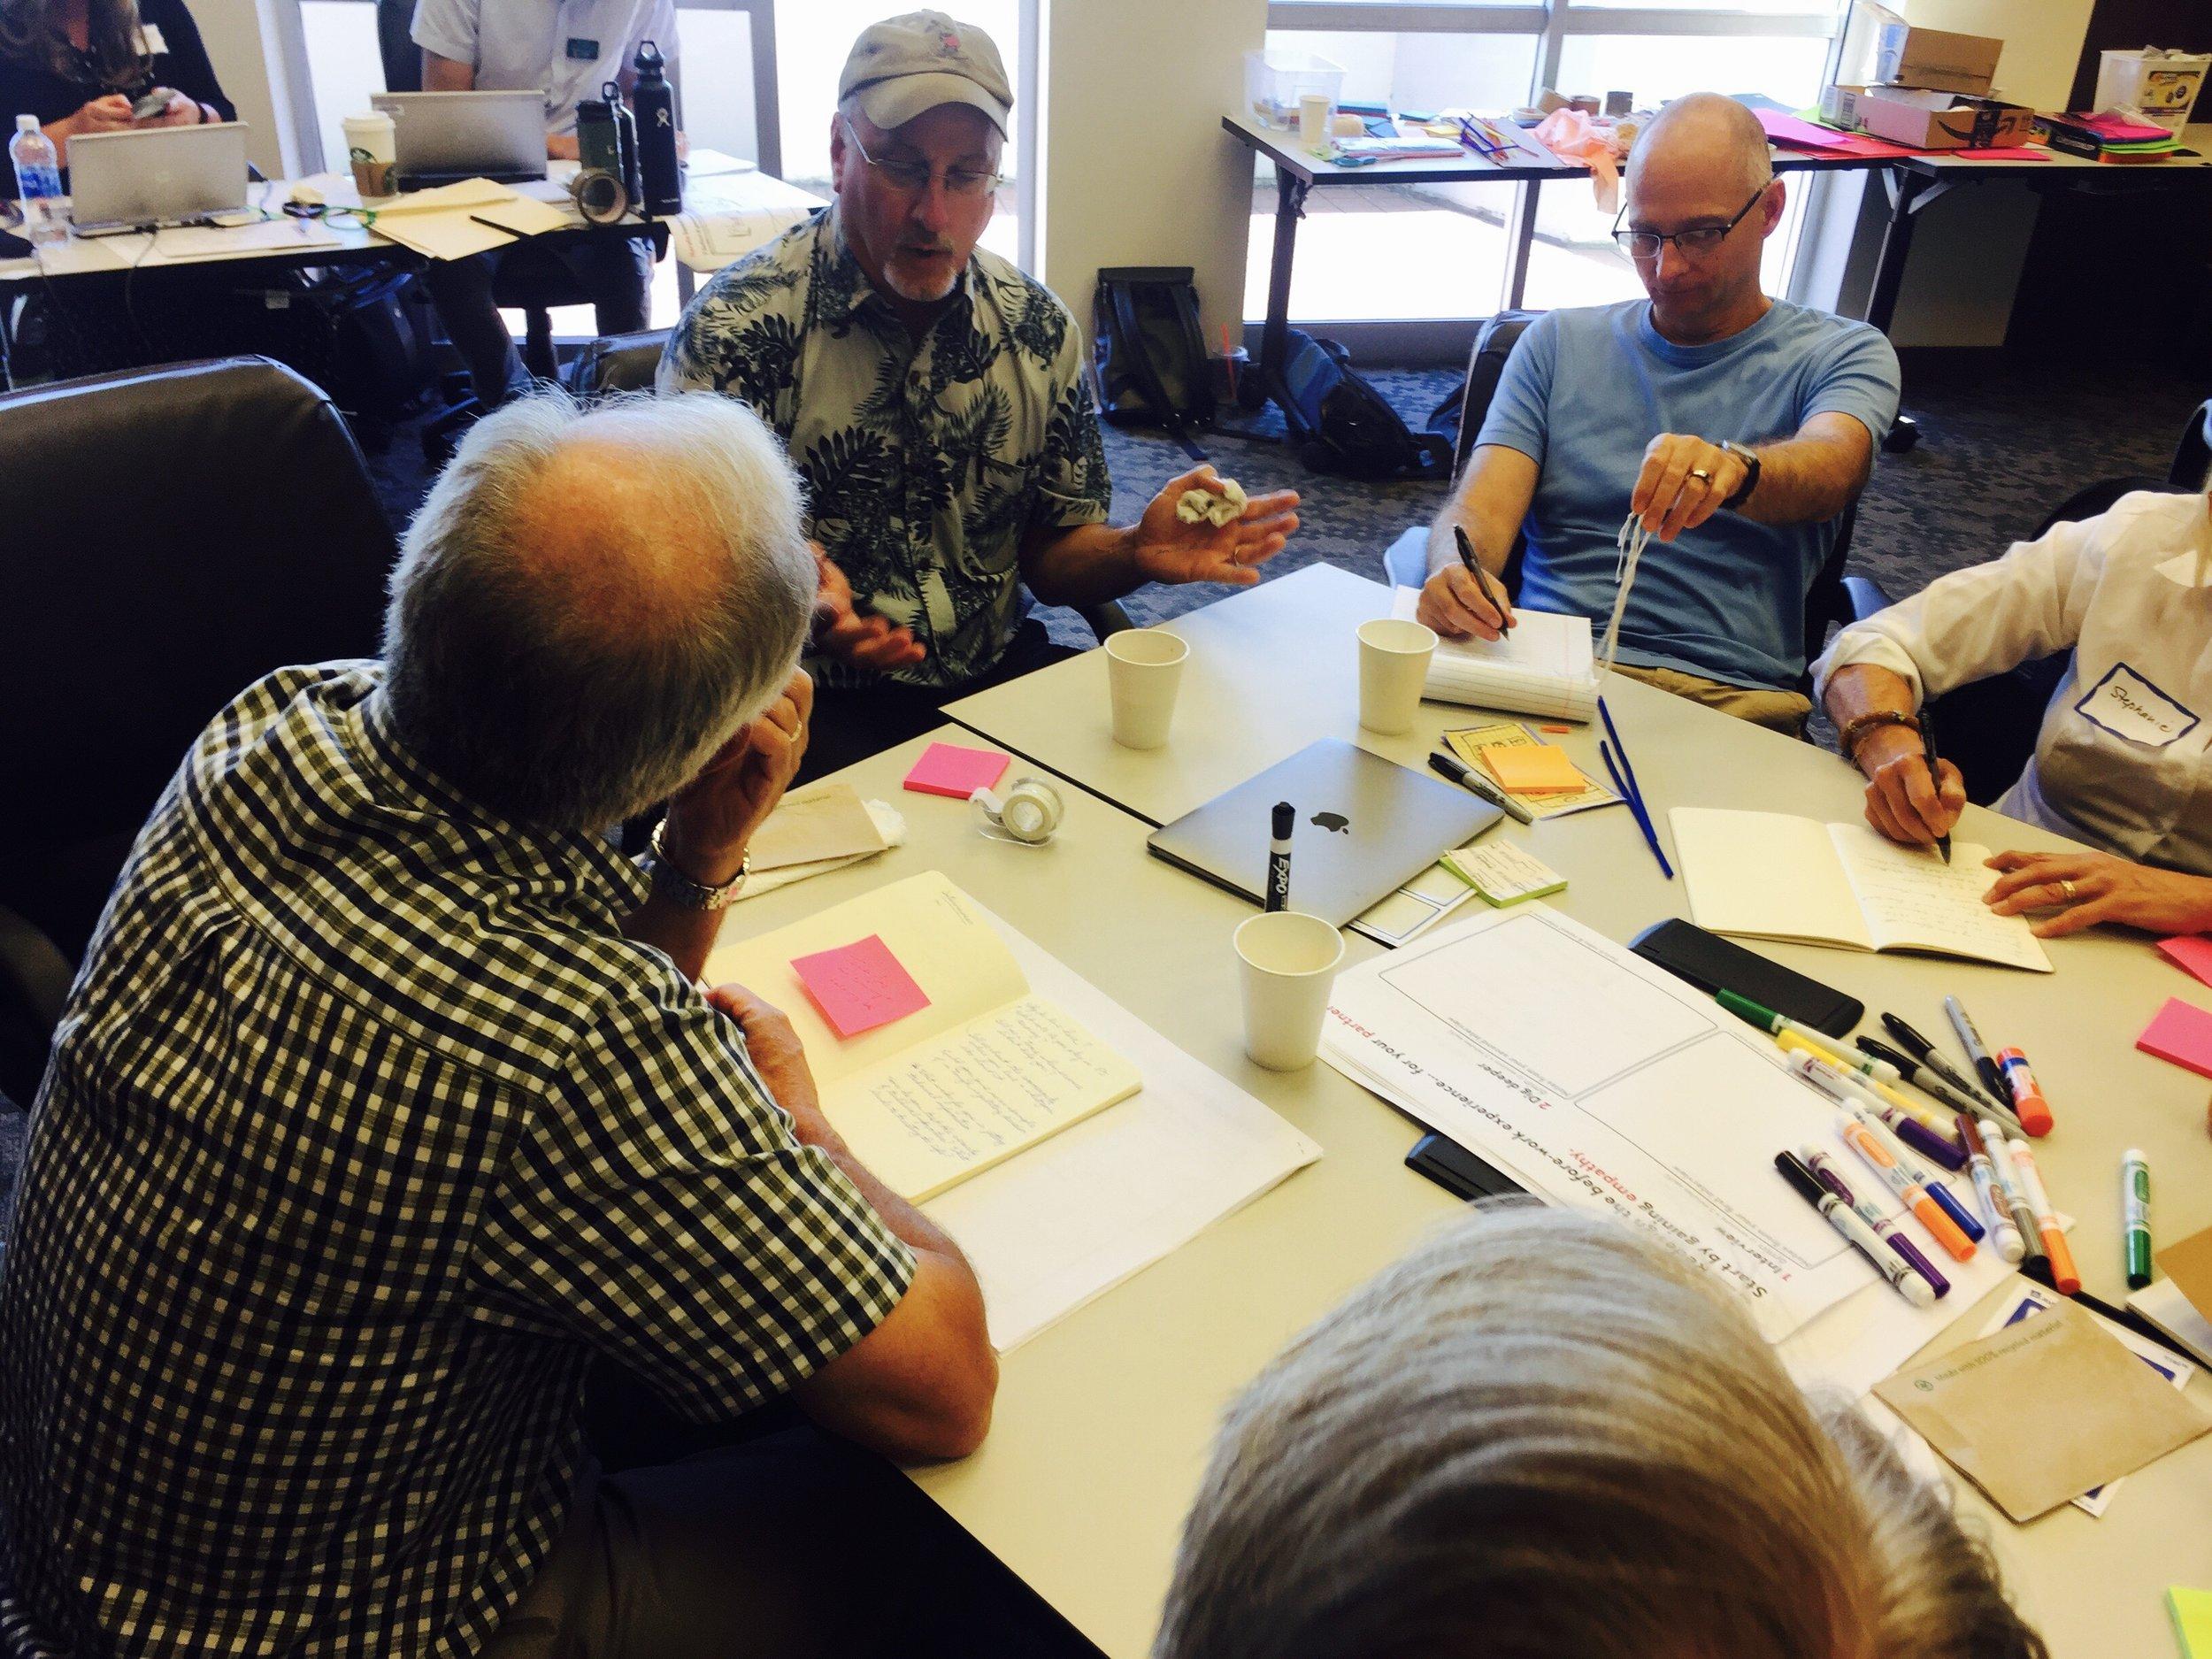 Workshop for Puget Sound science.